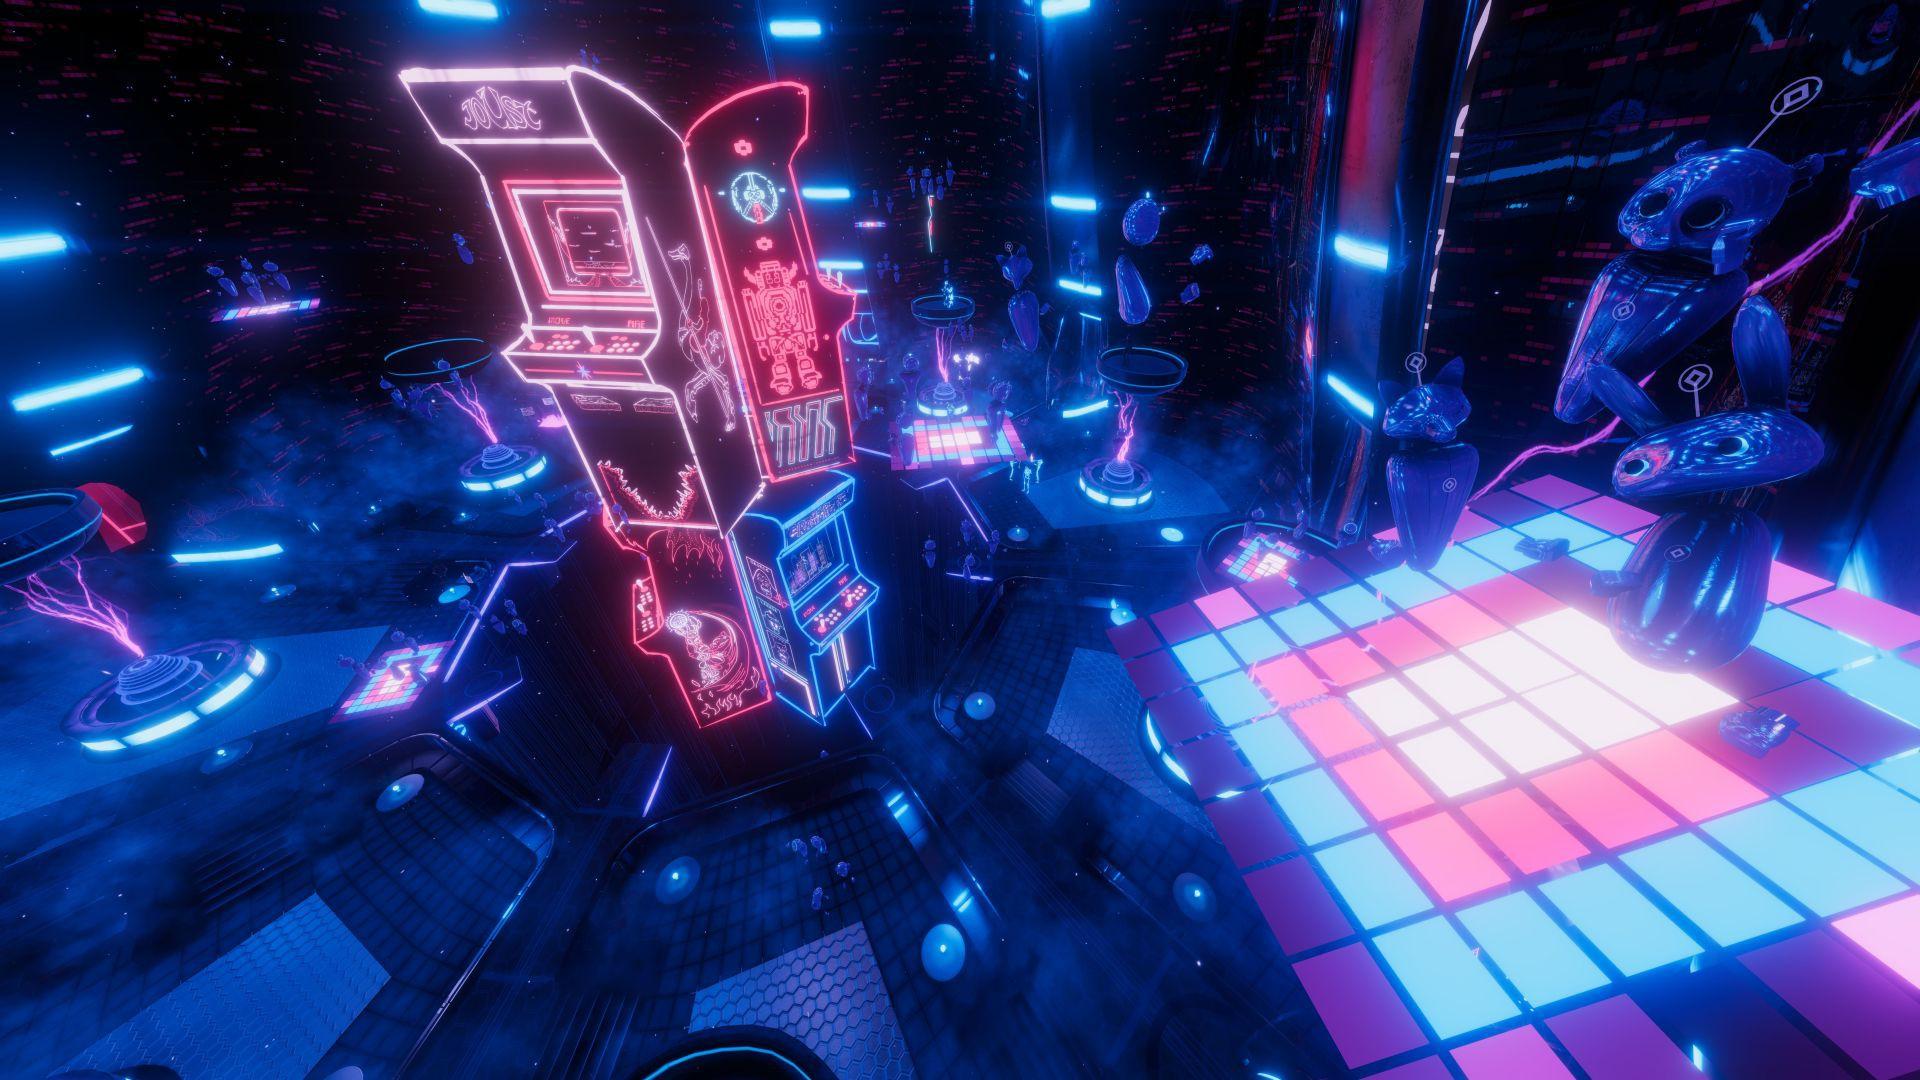 Bom tấn viễn tưởng về trò chơi điện tử Ready Player One nhận cơn mưa lời khen khi vừa công chiếu - Ảnh 2.